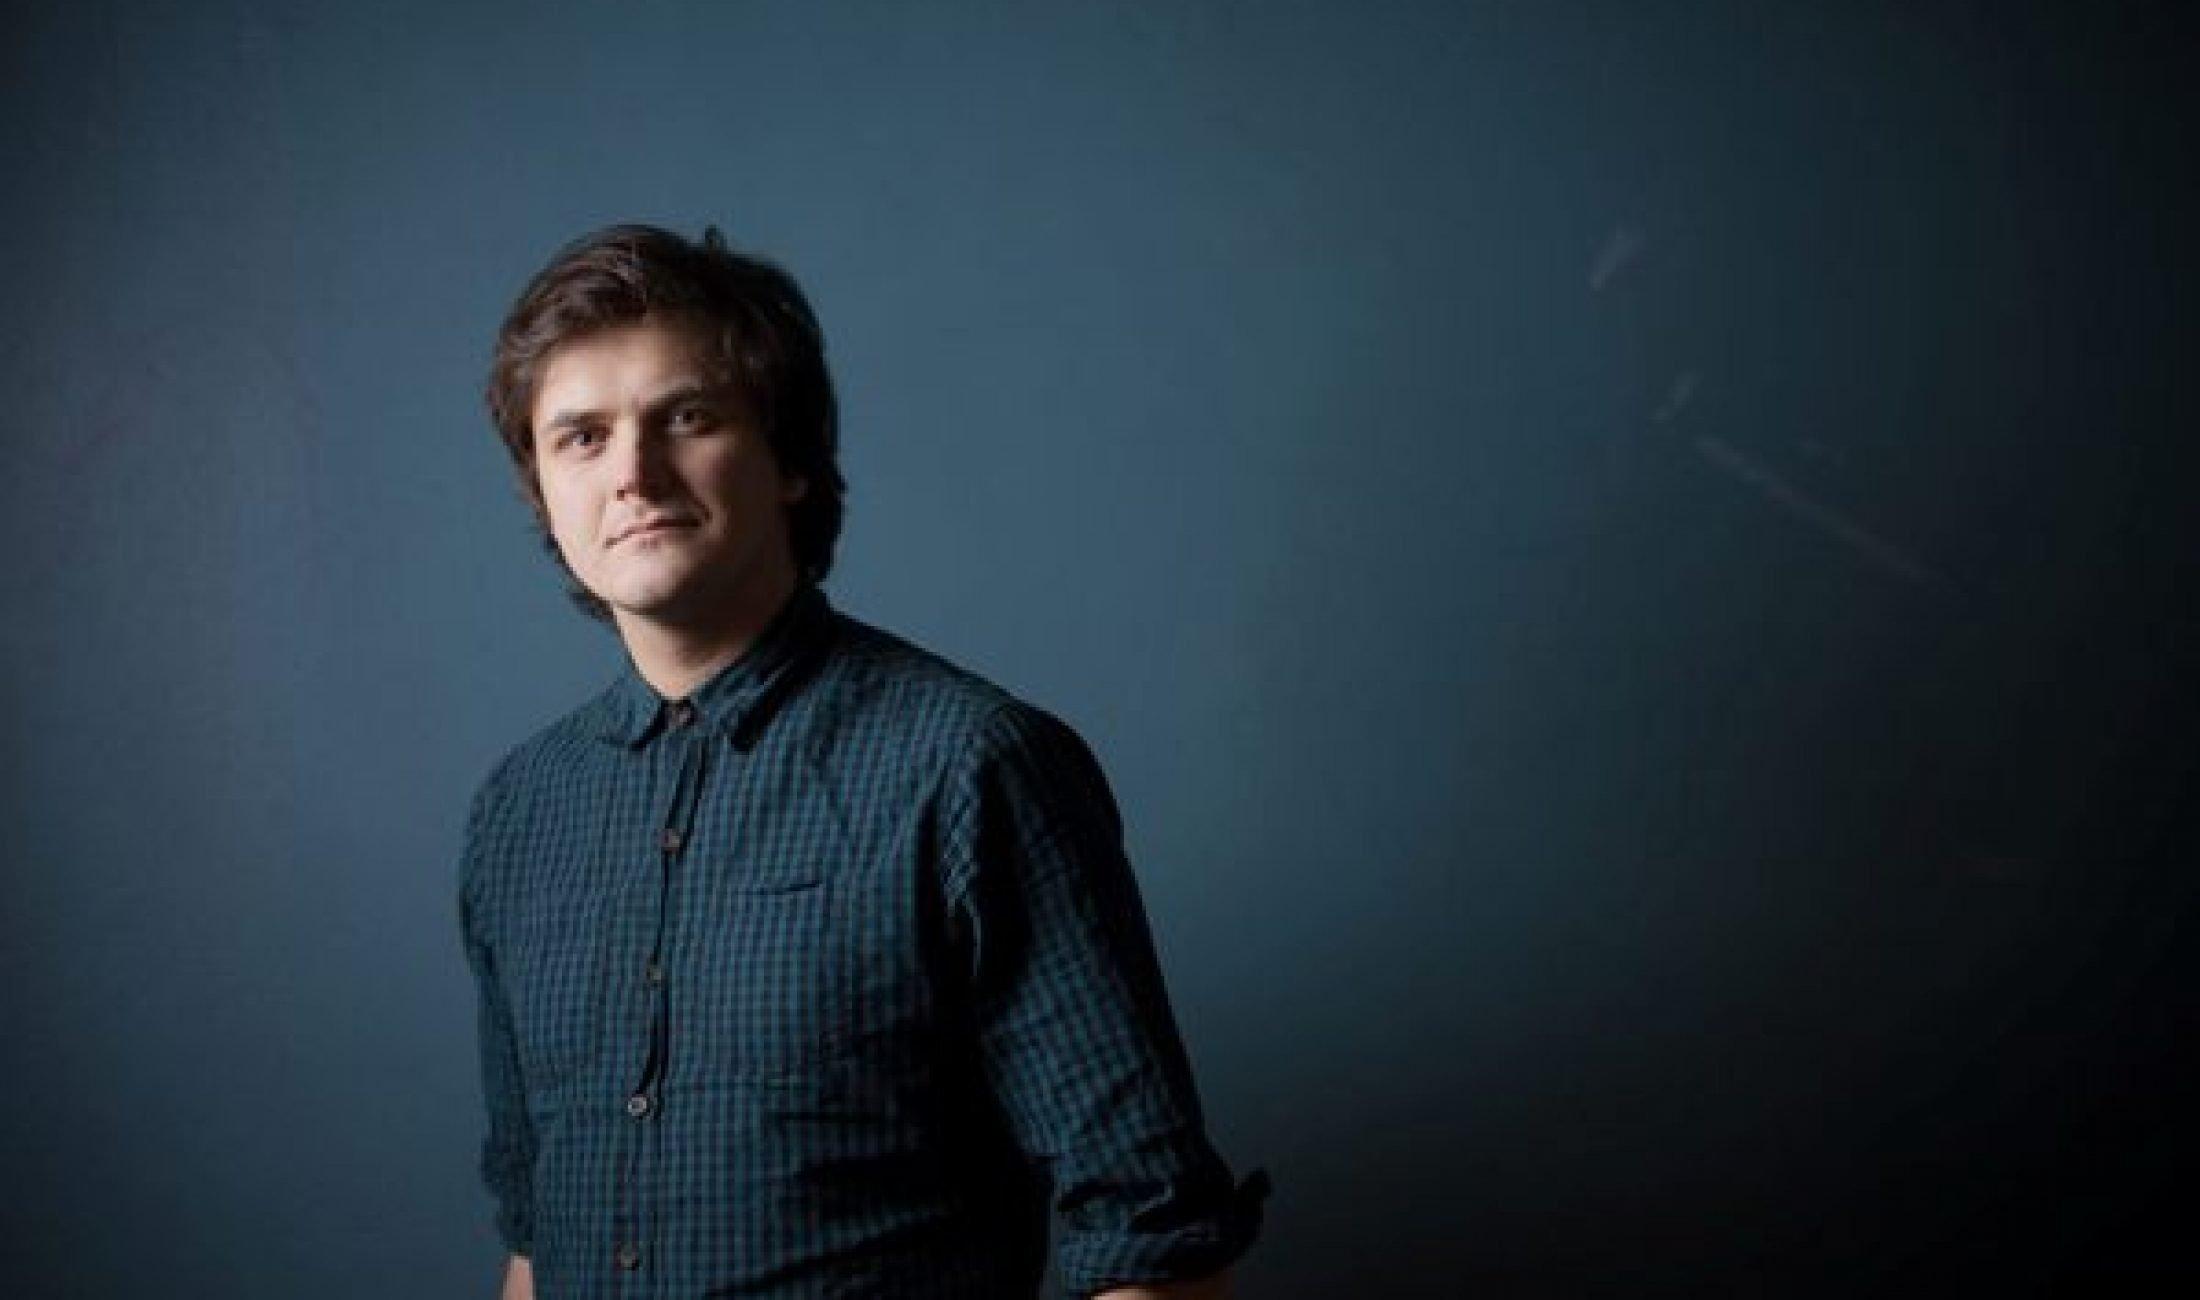 """""""Dabasu Durovu"""" liders Arņs Slobožanins pīduovoj jaunu dzīsmi """"Viens pret Viens"""""""